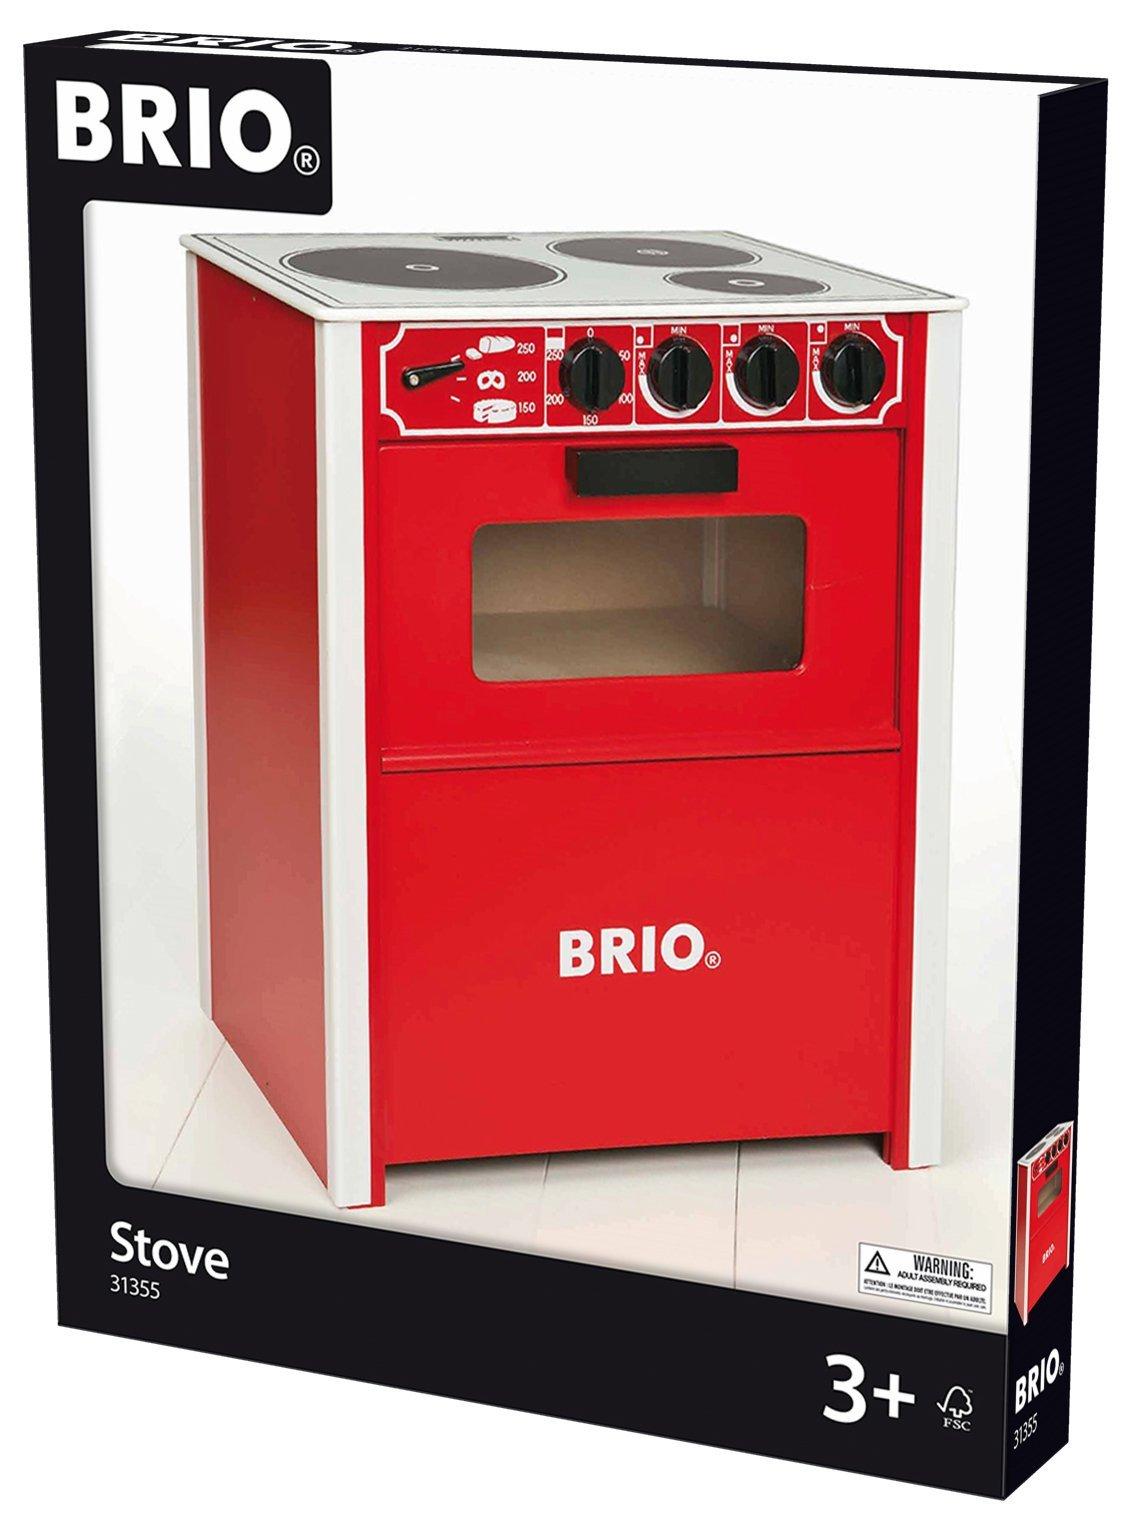 BRIO Red Stove